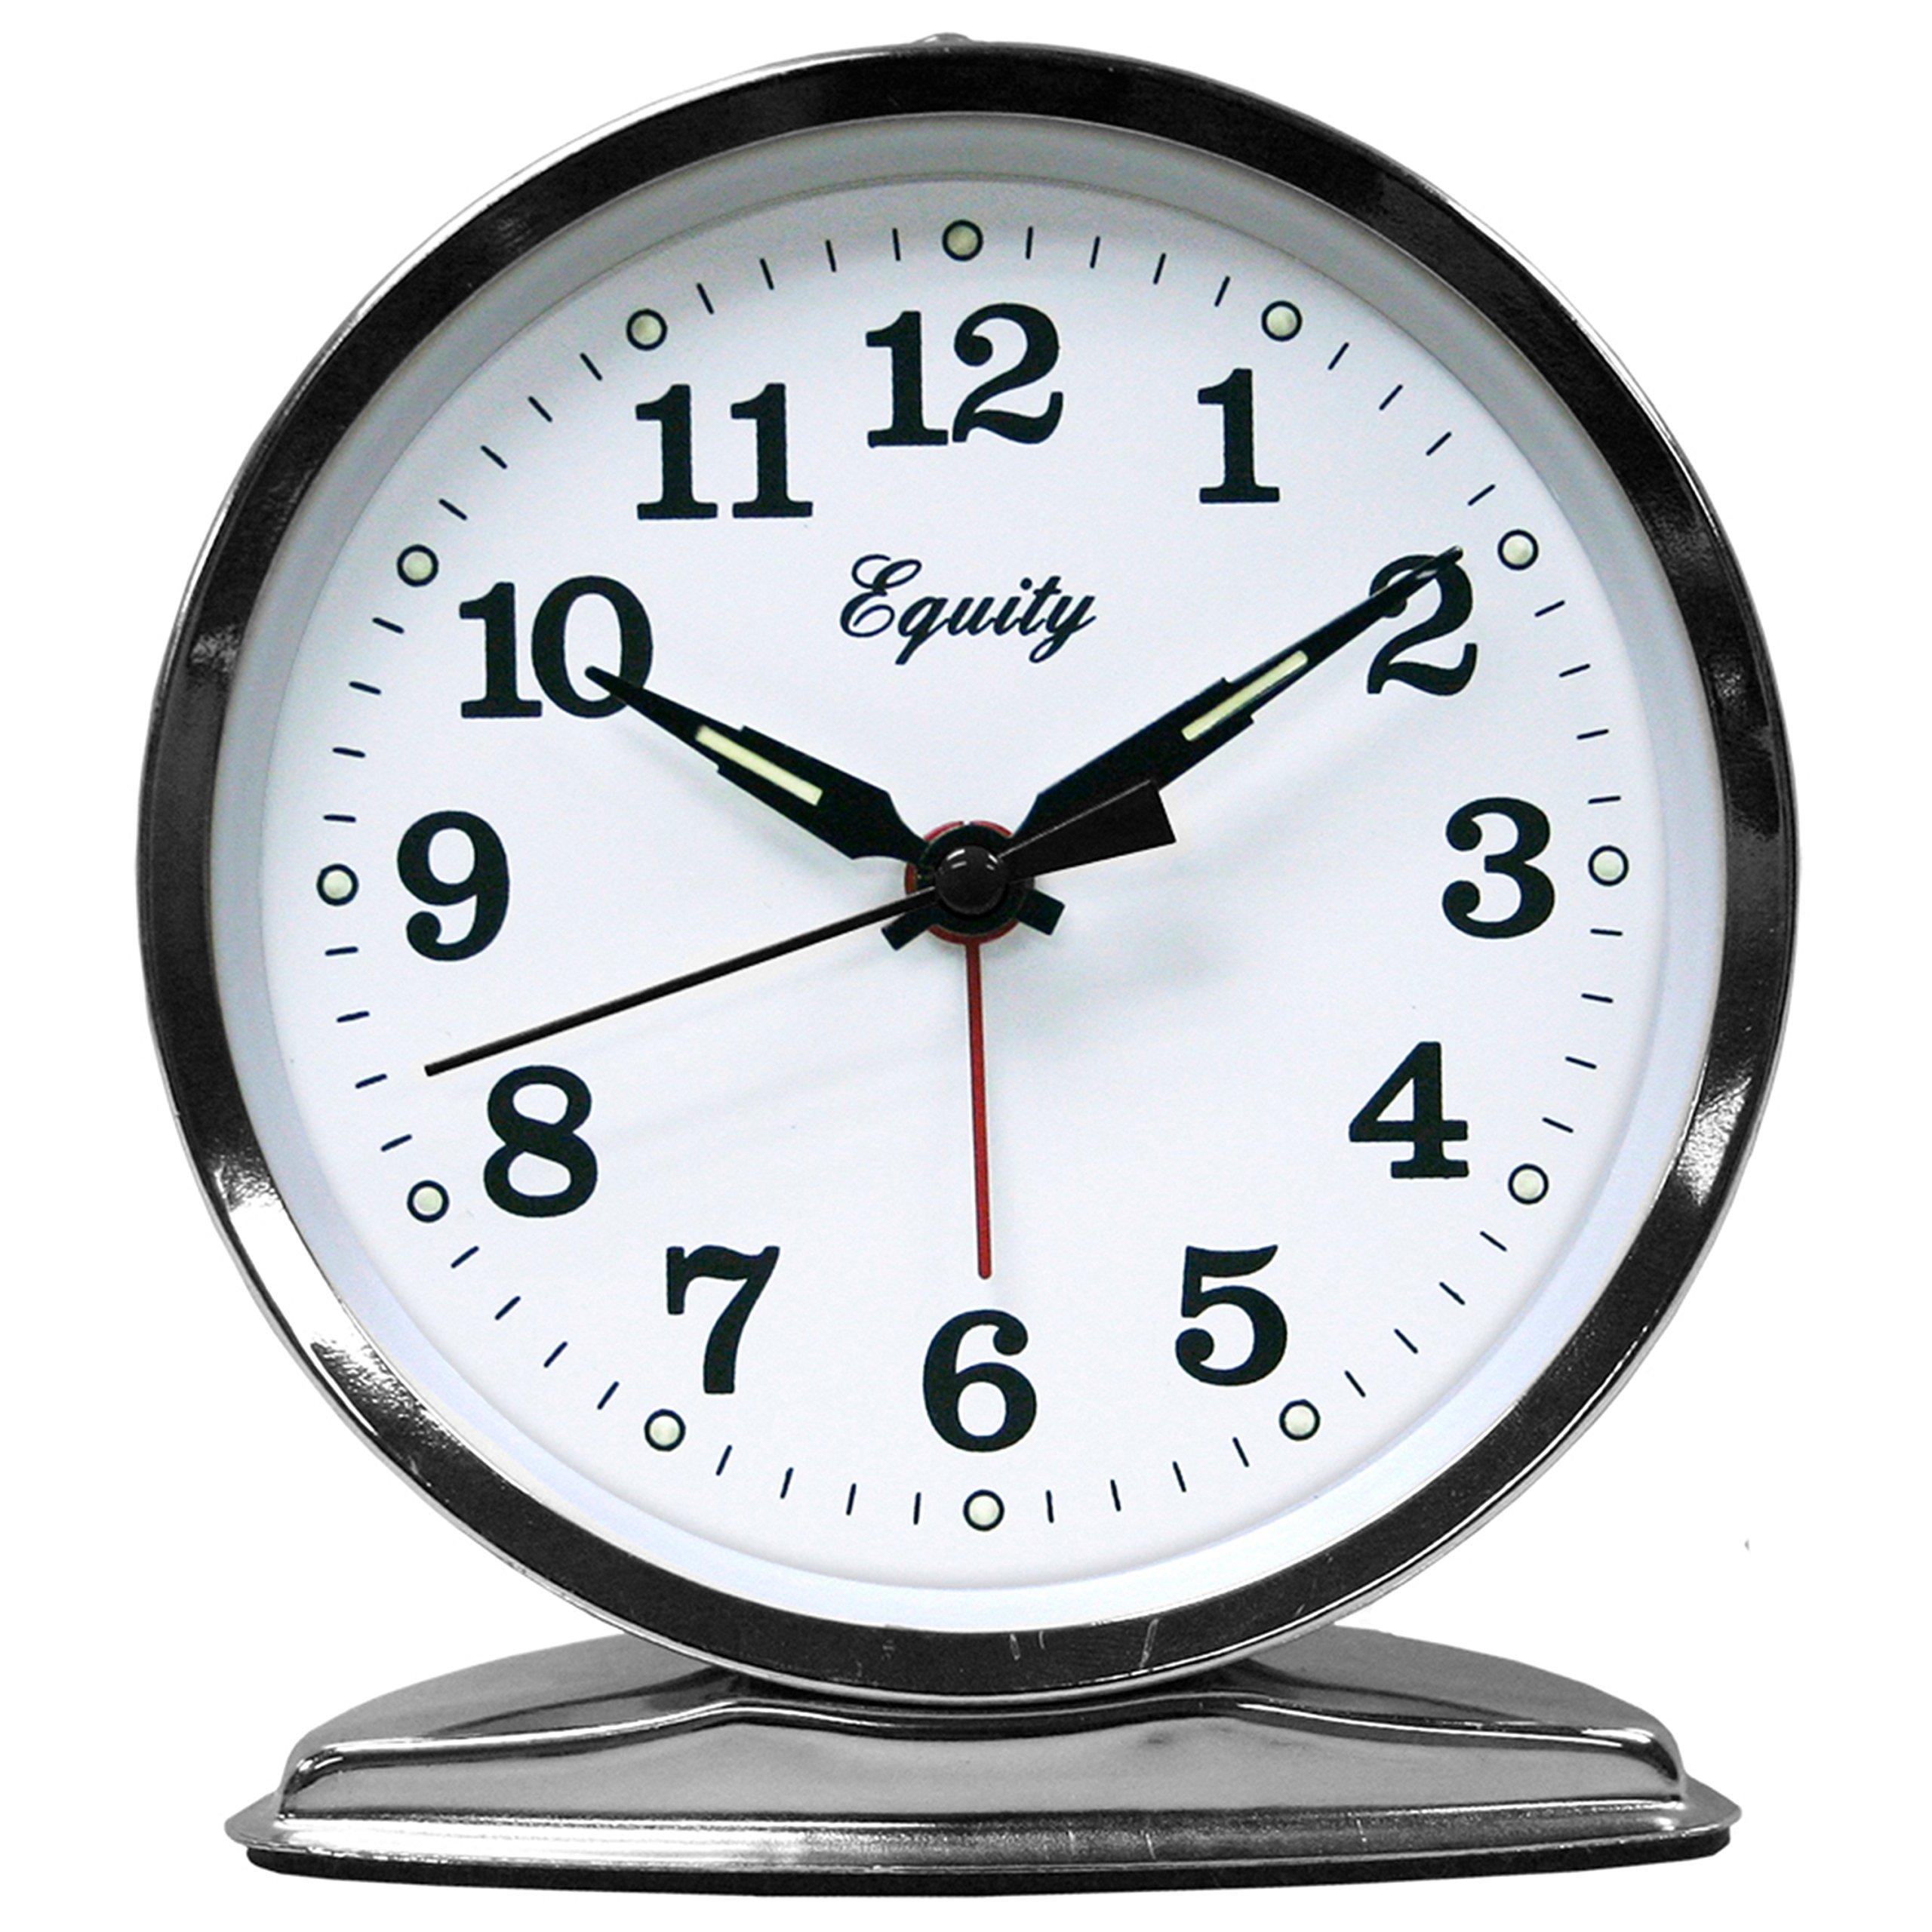 Equity by La Crosse Wind-Up Loud Bell Alarm Clock   eBay